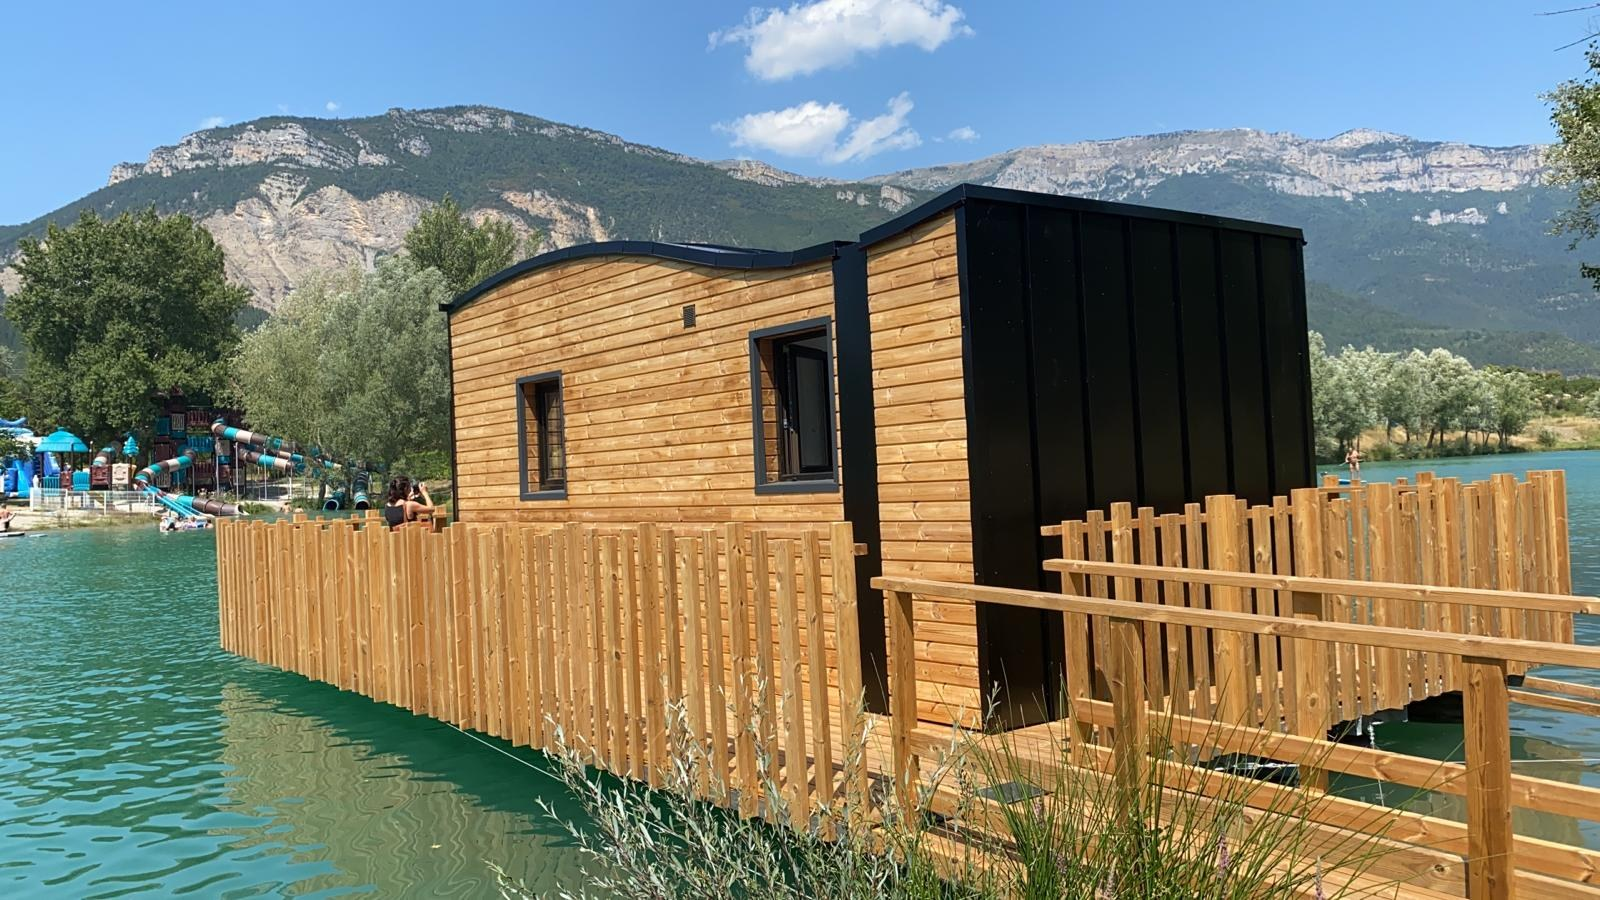 ilot bleu camping vercors drome piscine chauffée lac